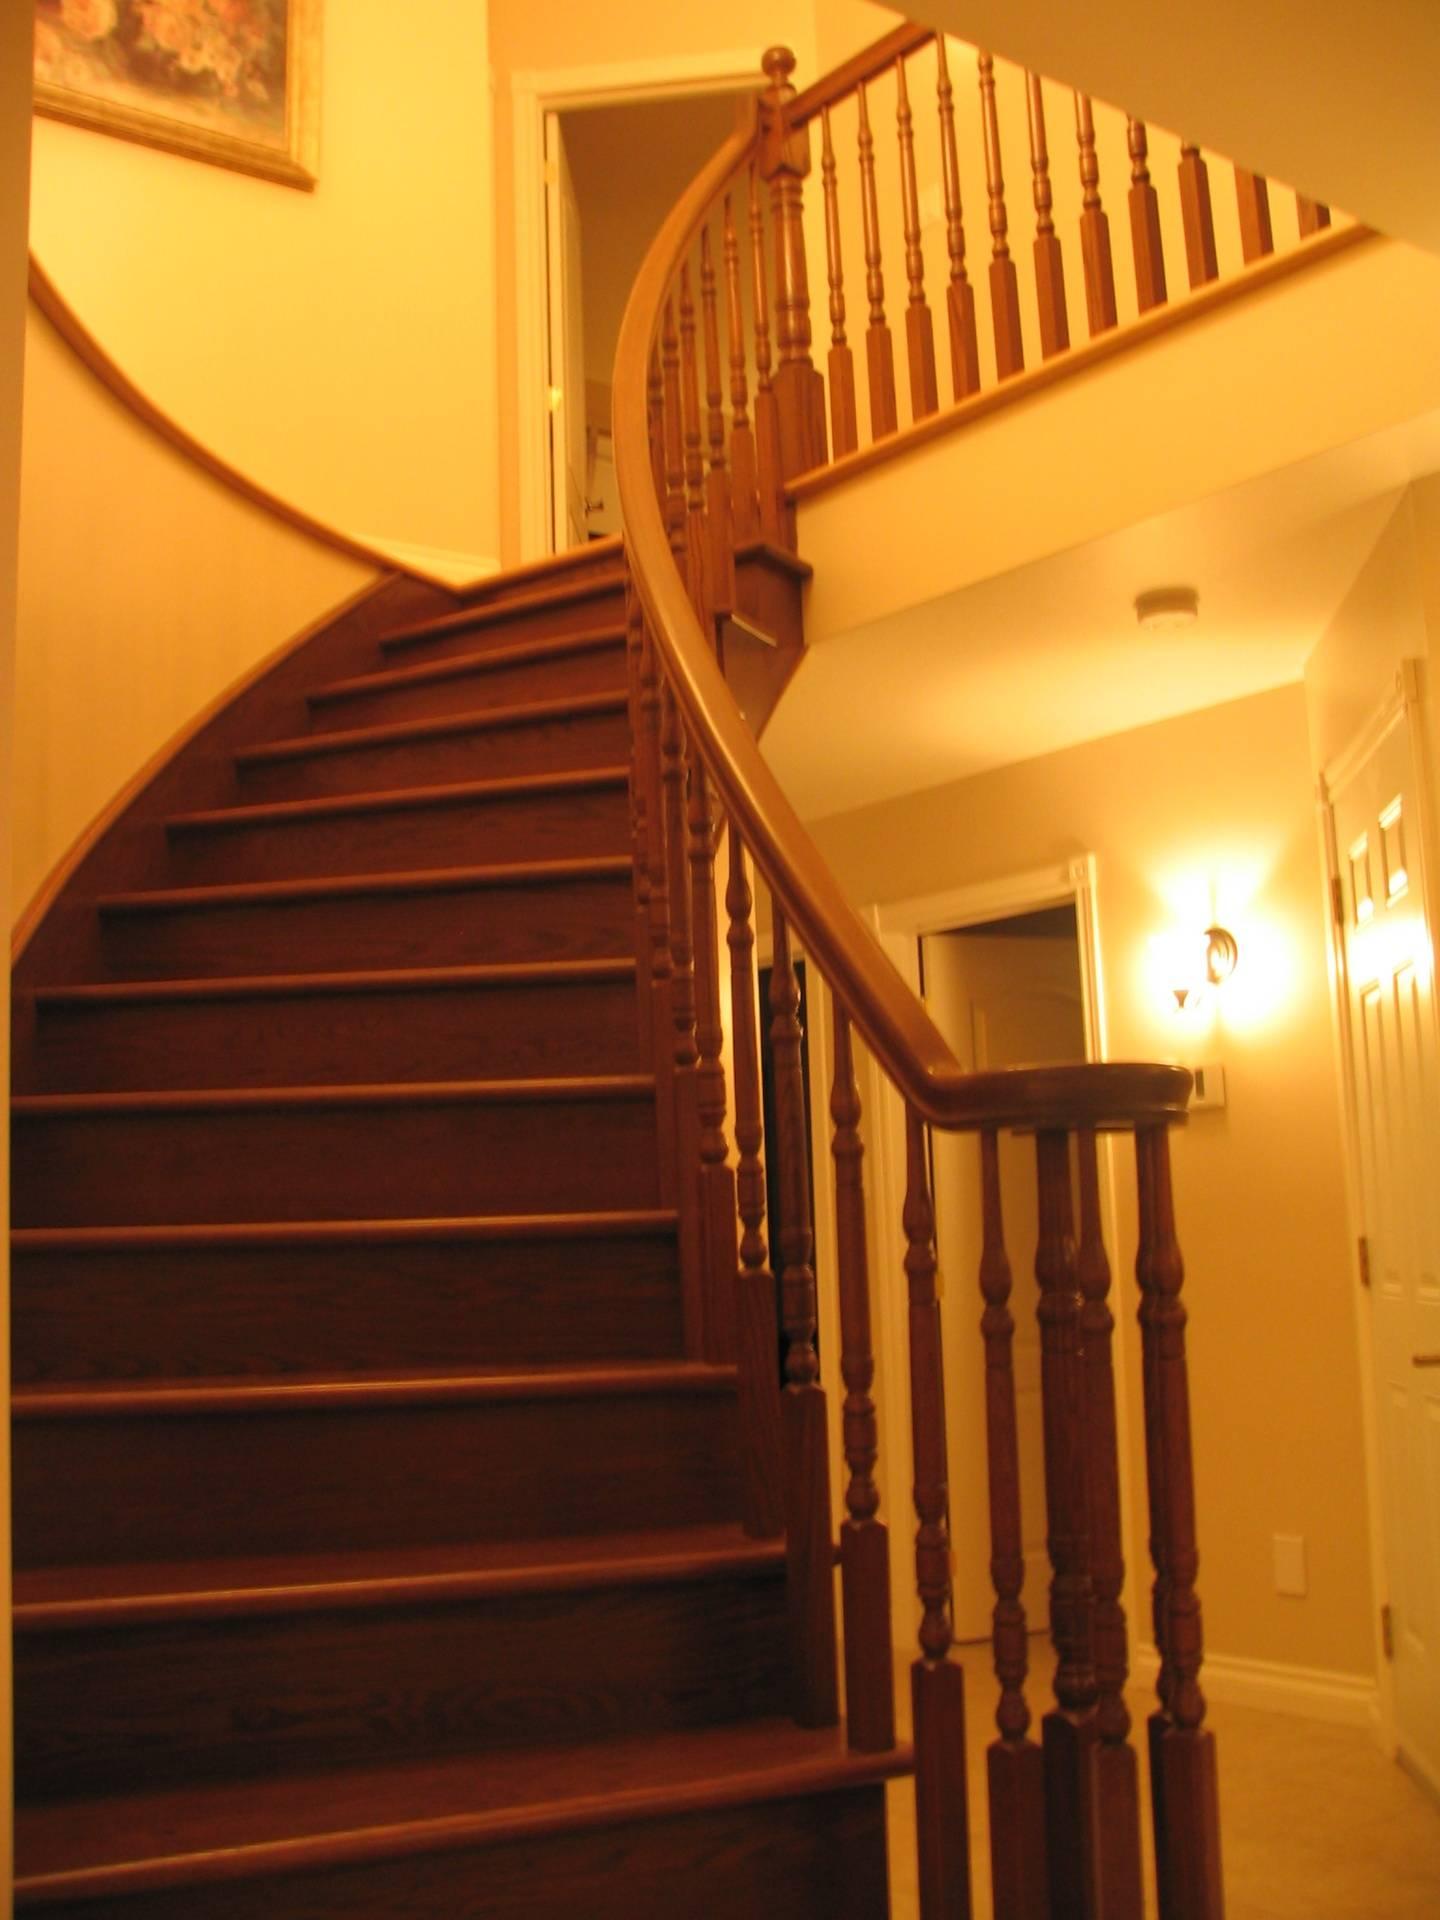 Escalier de bois, cintré, à barreaux tournés